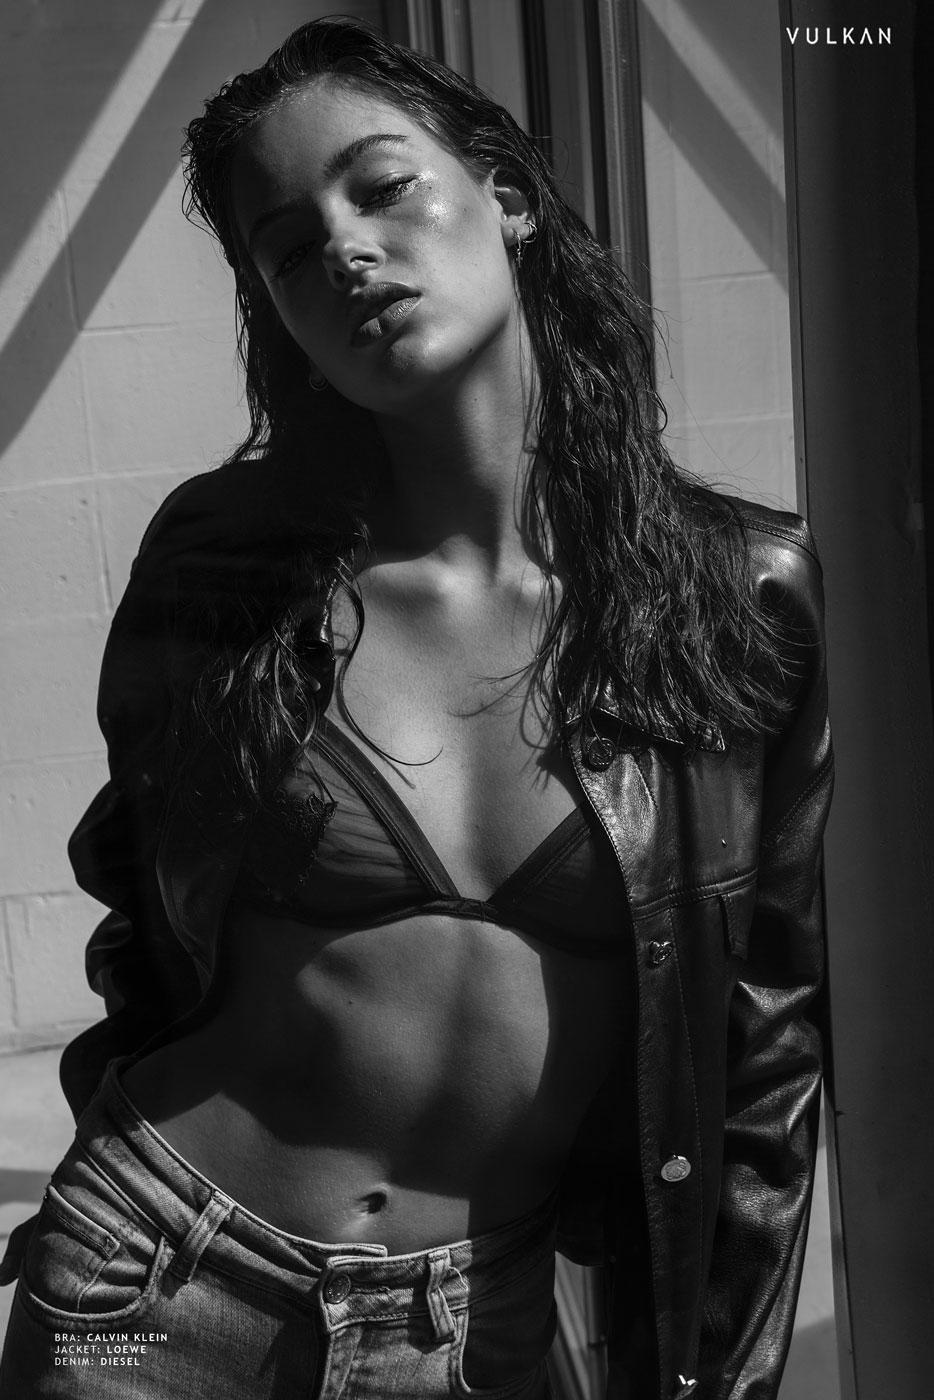 Bikini Lucette van Beek nude (31 photo), Topless, Sideboobs, Instagram, cleavage 2019